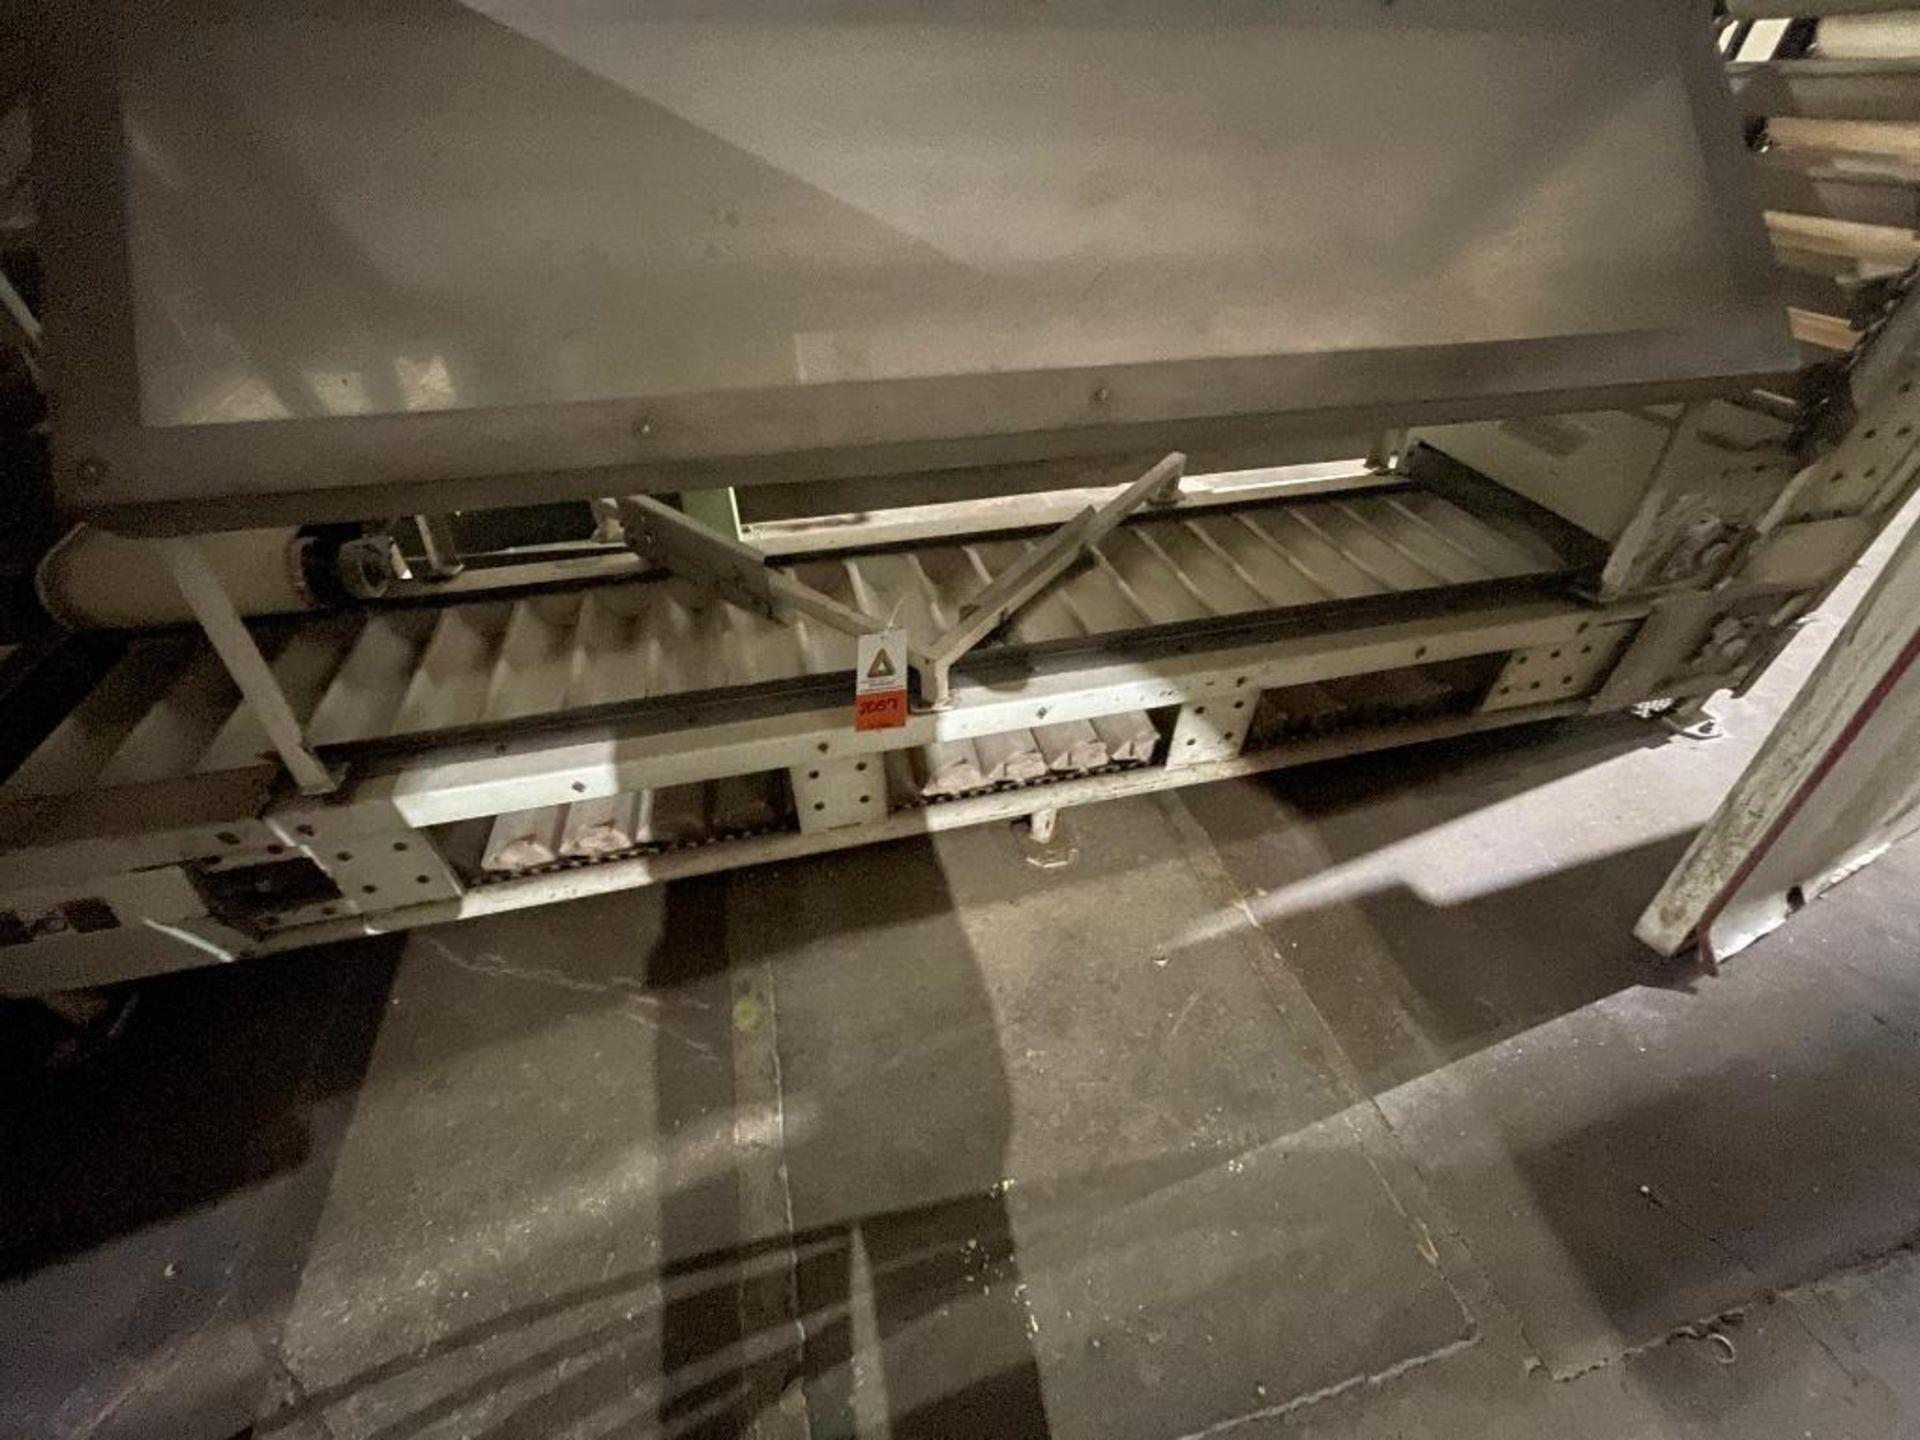 Aseeco overlapping bucket elevator - Image 2 of 14